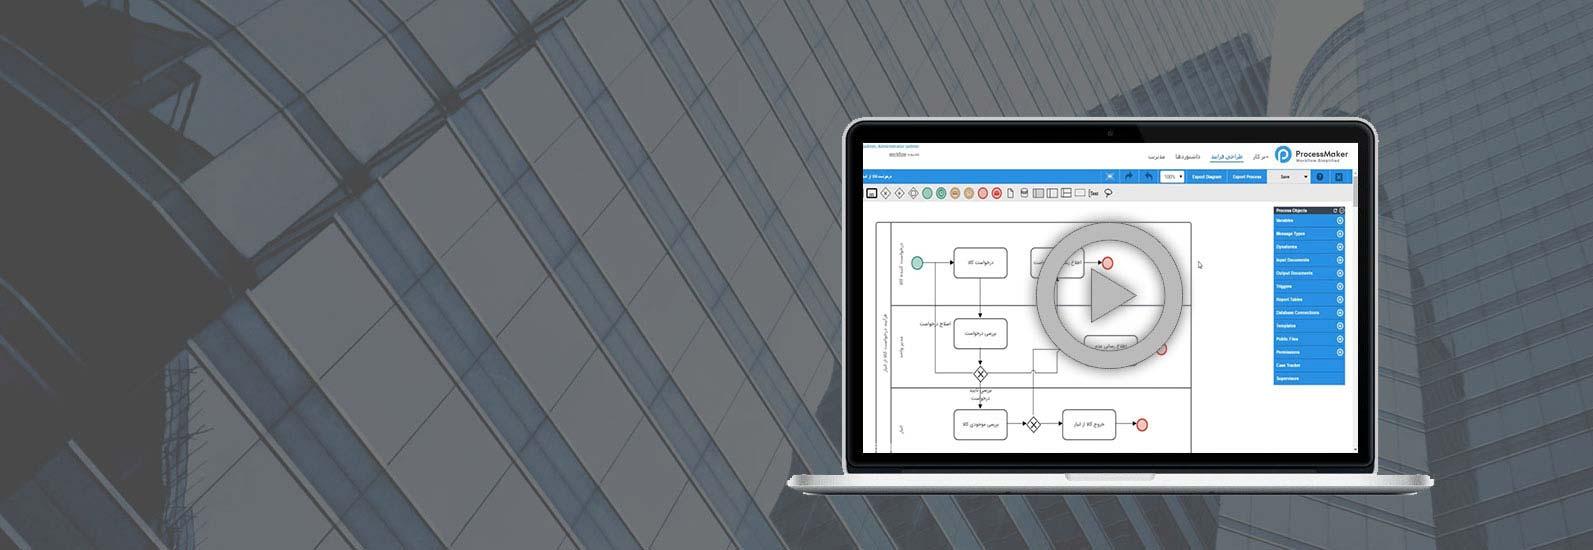 آموزش آنلاین اتوماسیون اداری و مدیریت فرایندها